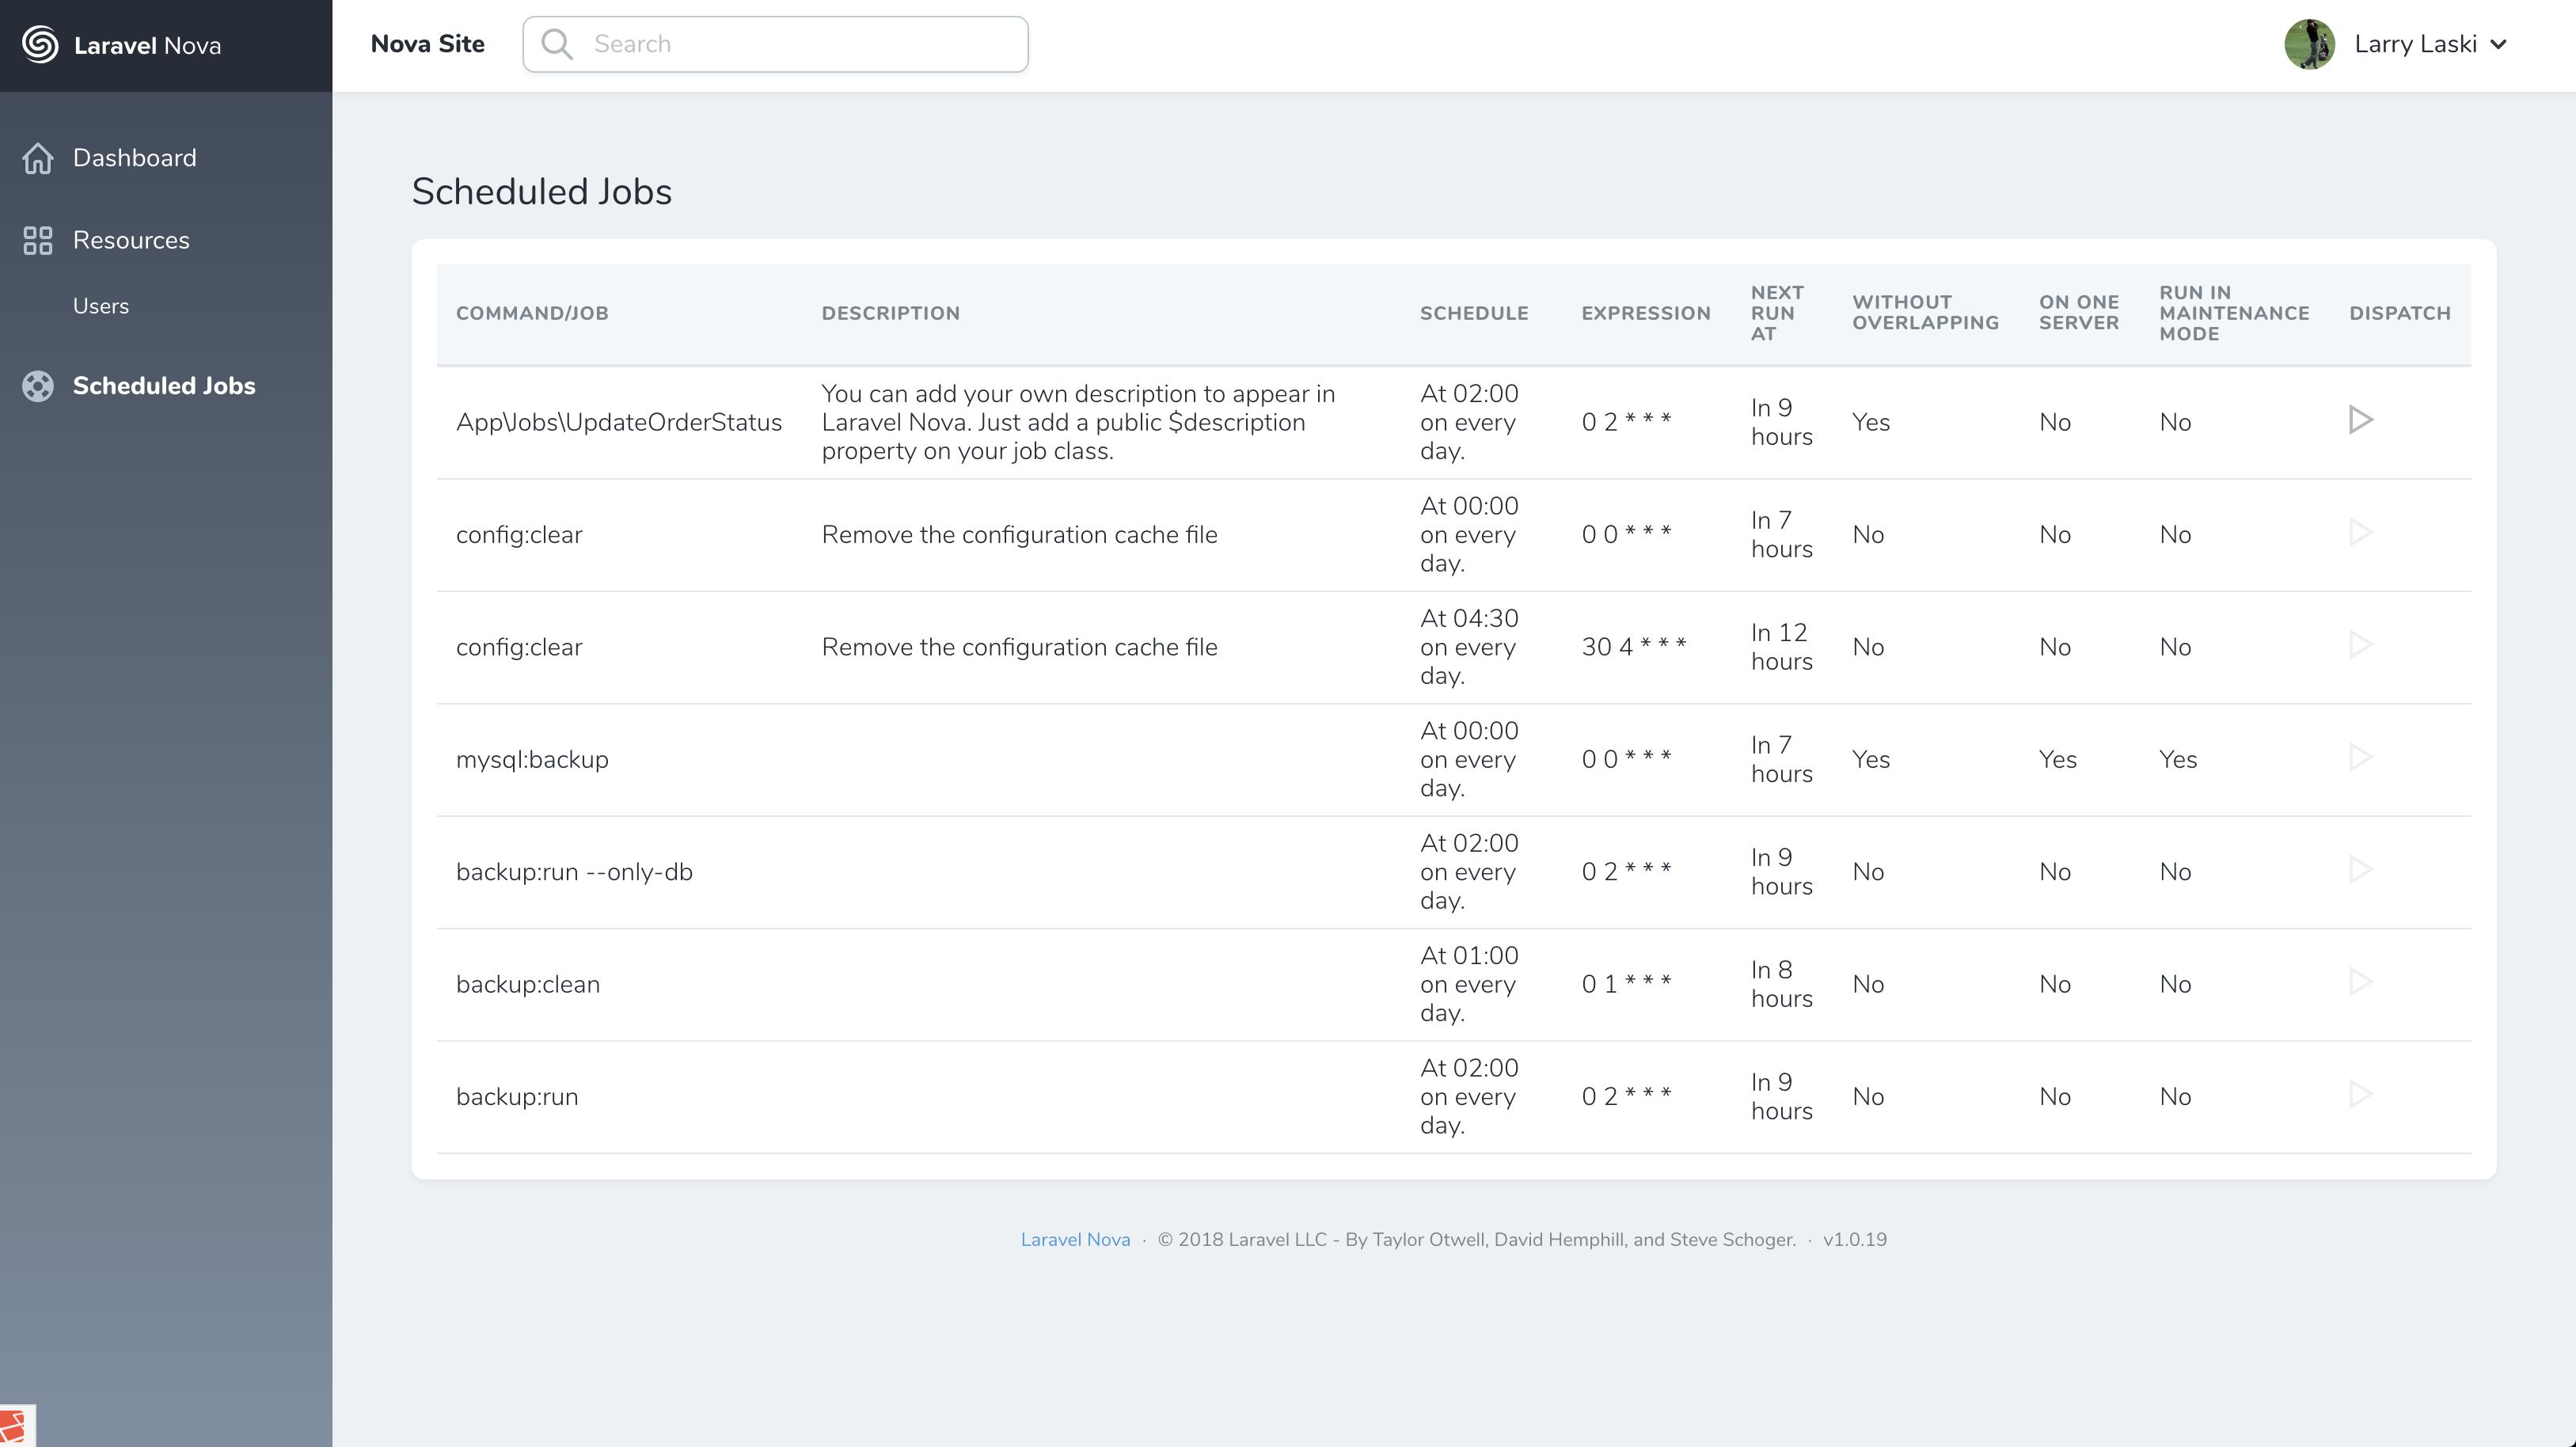 Nova Scheduled Jobs Tool Screenshot